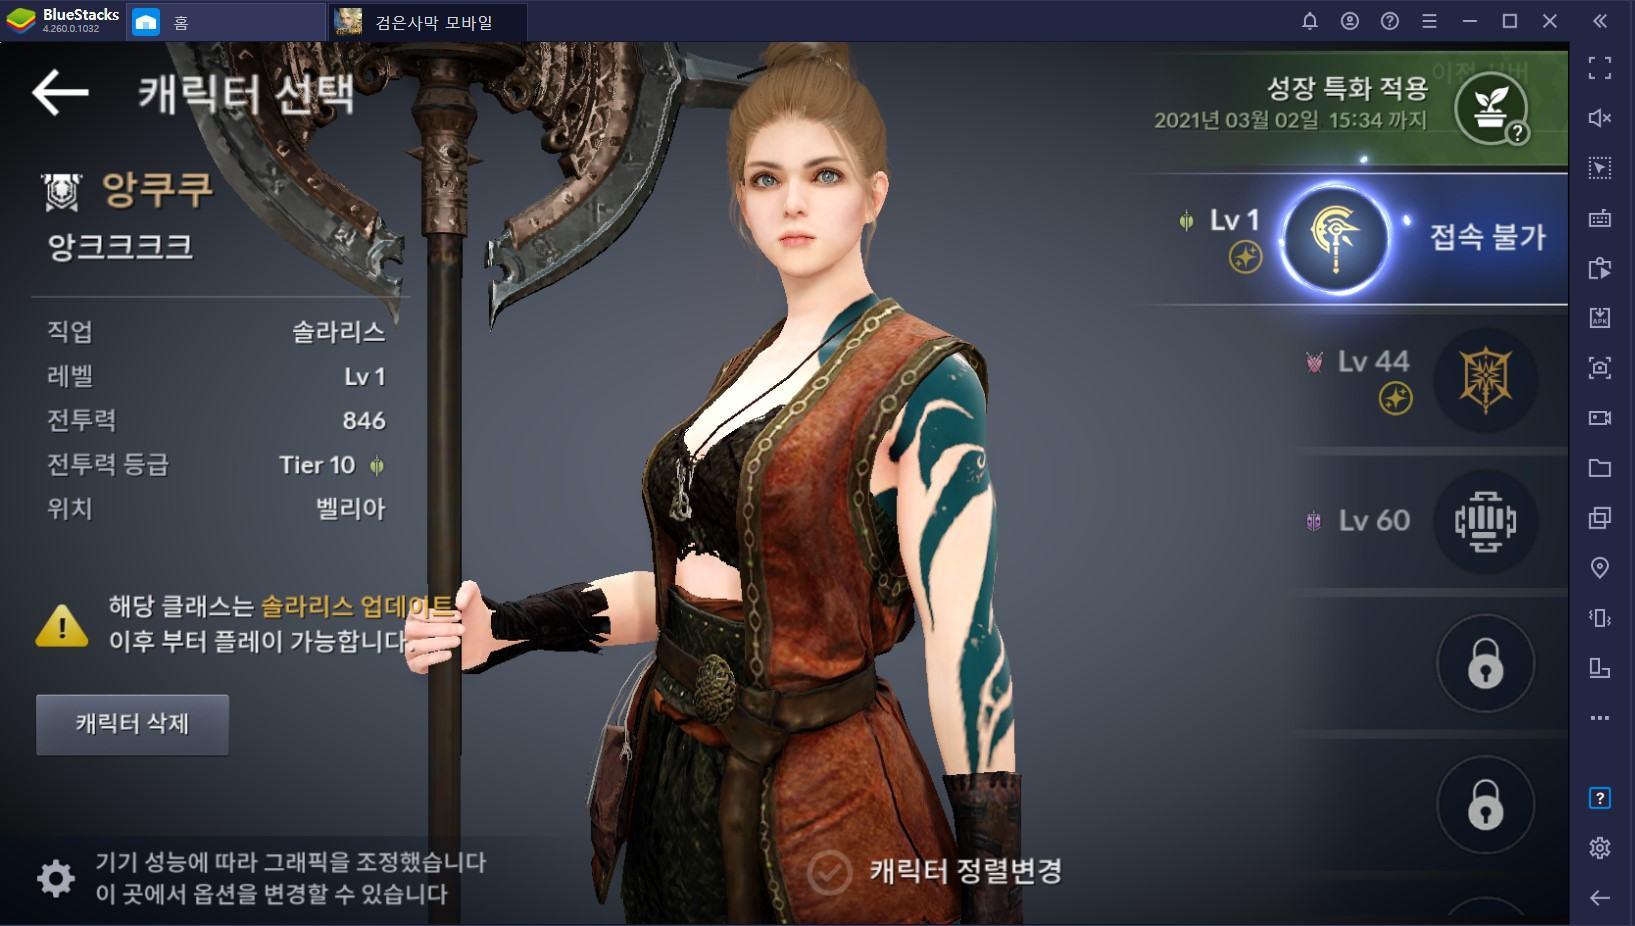 검은사막 모바일 신규 클래스 솔라리스의 사전 캐릭터 생성, PC에서 참여해보세요!